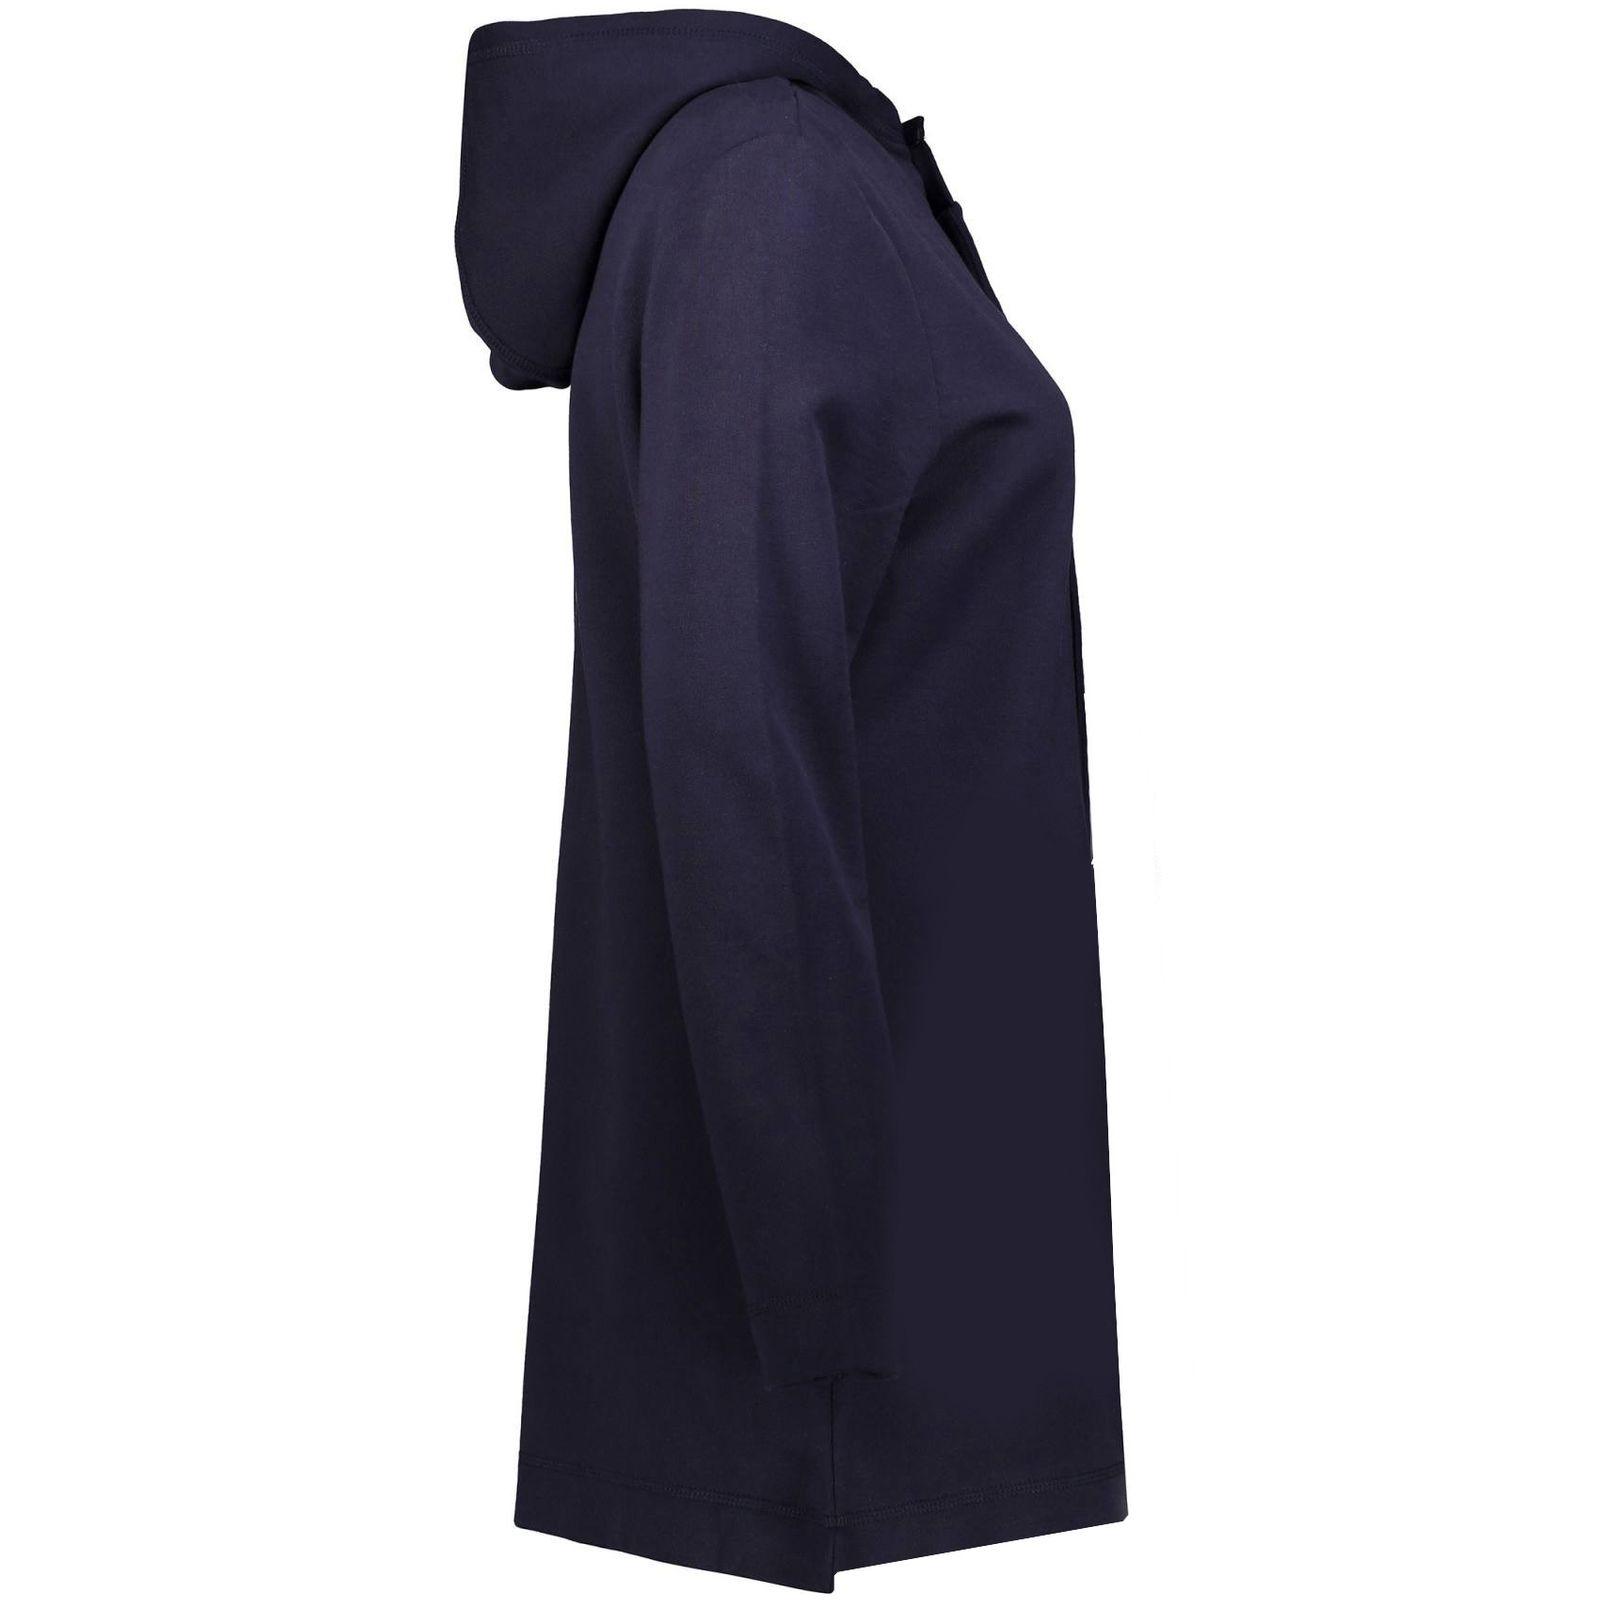 هودی زنانه طرح میکی موس کد H17 رنگ سورمه ای main 1 2